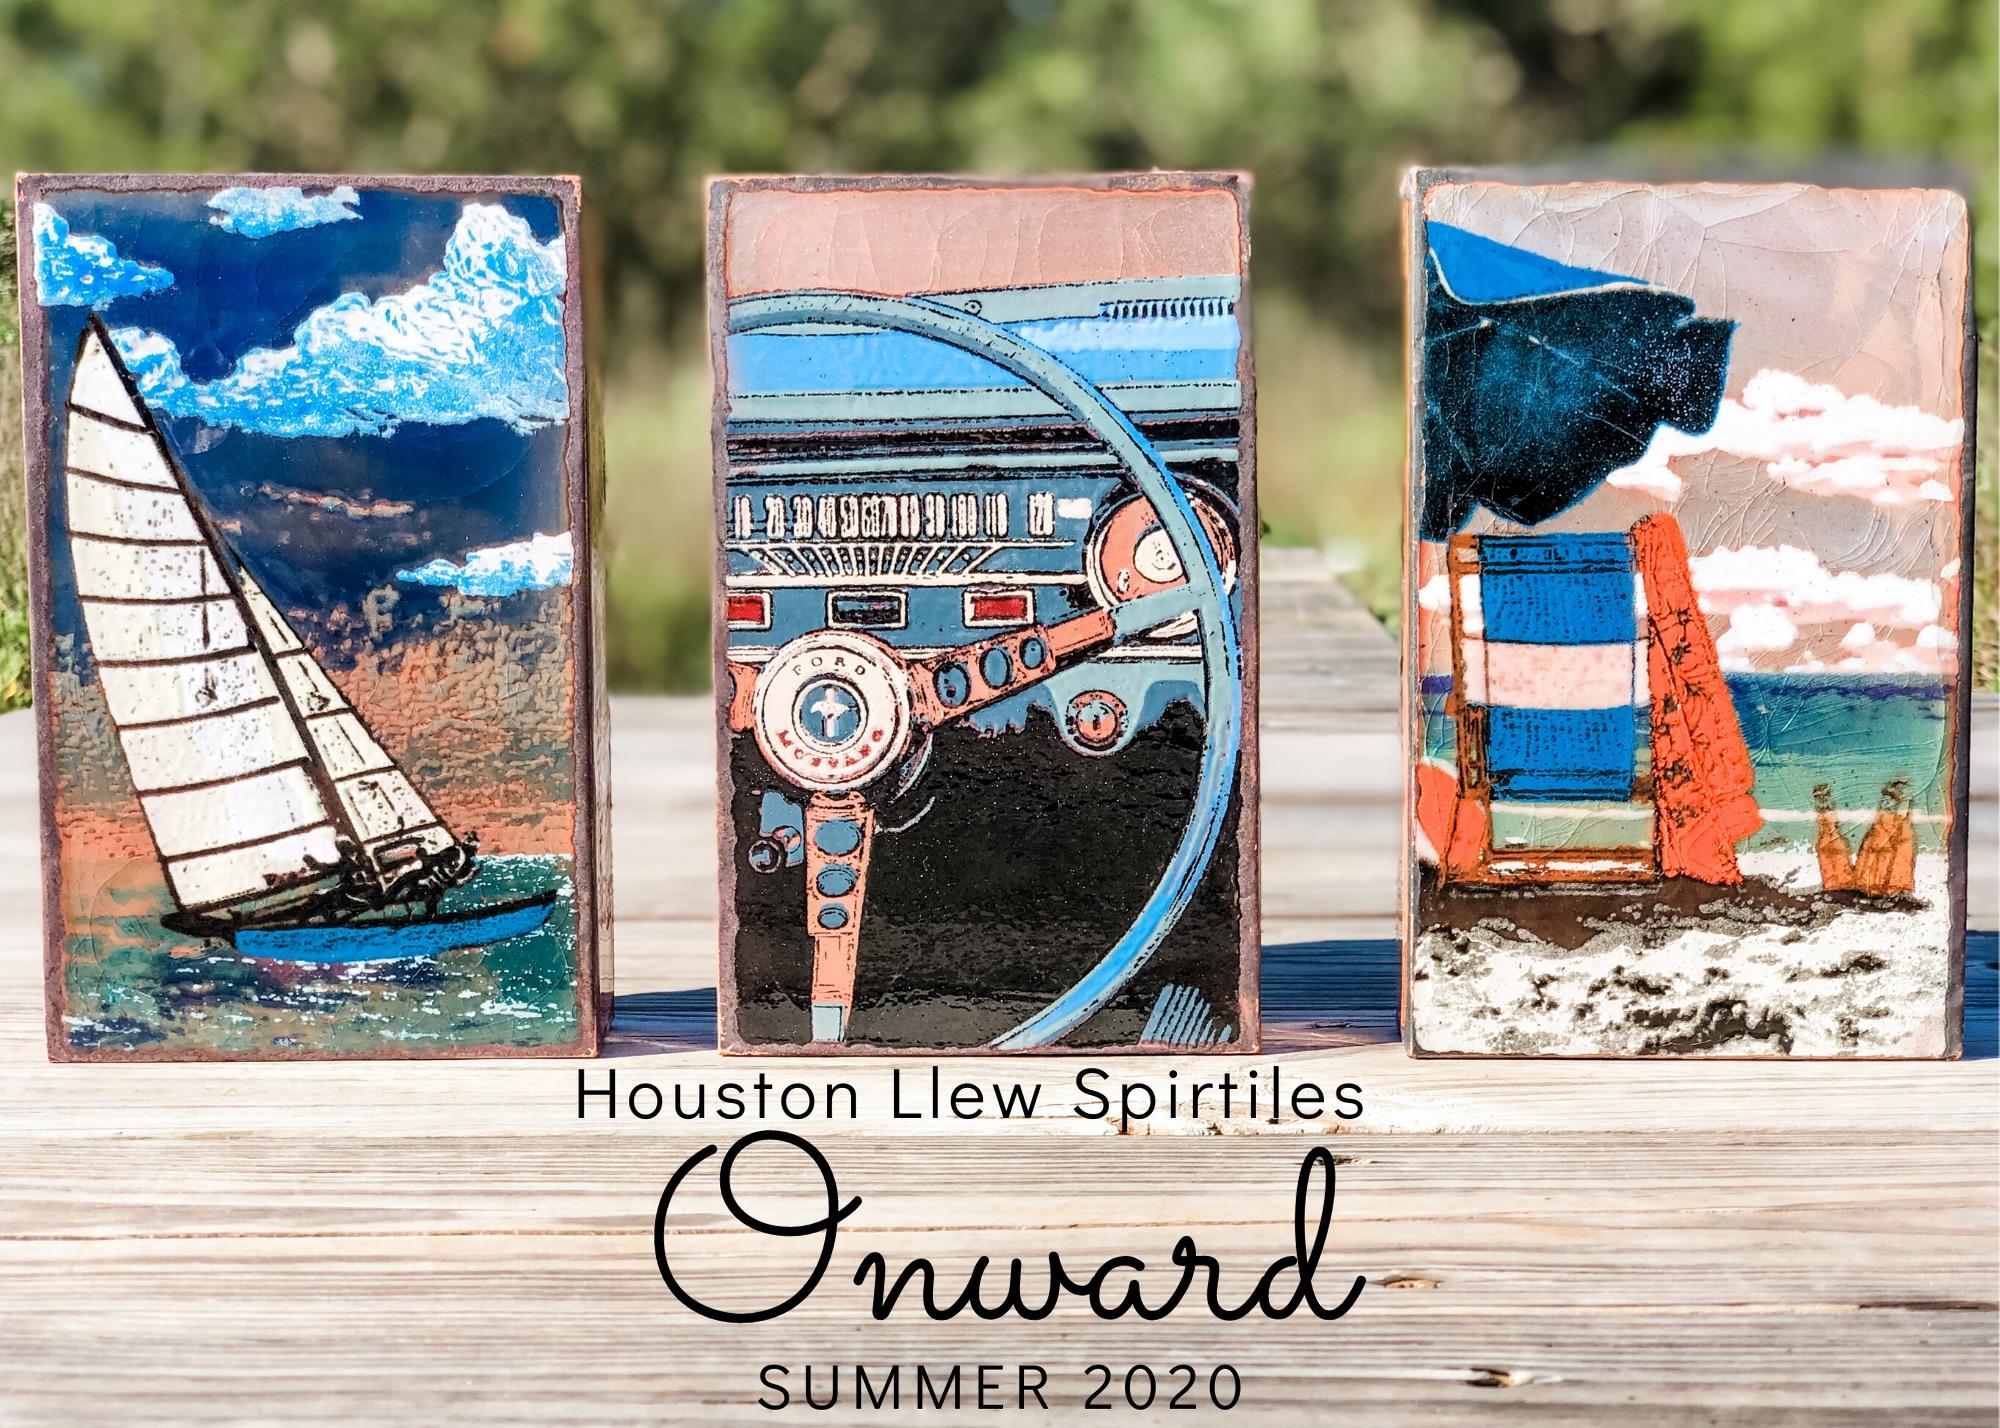 Houston Llew Spiritile summer 2020